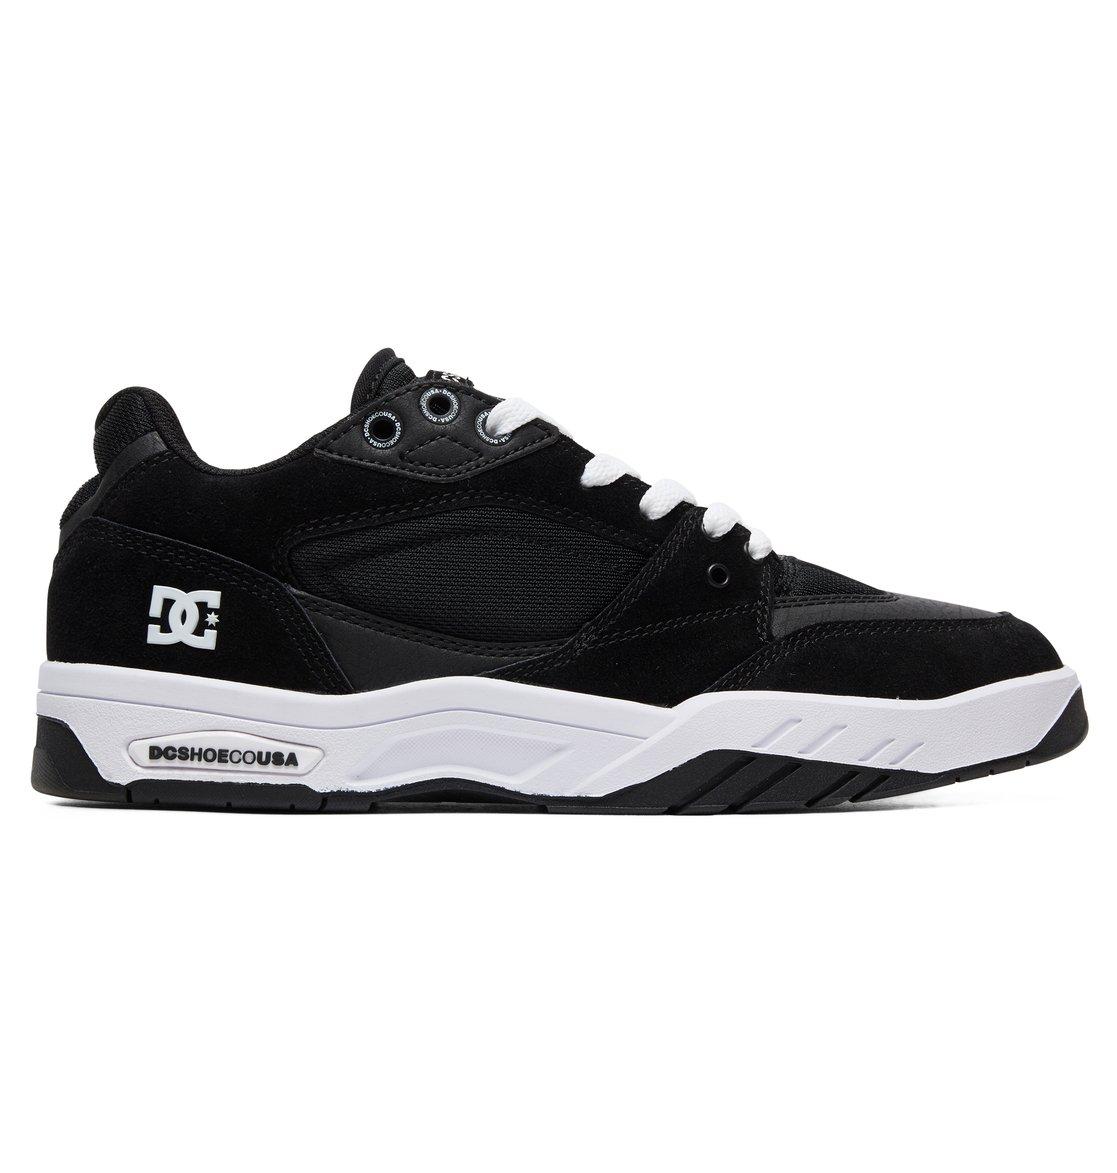 e49062367b http://www.palestra-myclub.it/0-Sneakers_Chose_Allacciata_L ...